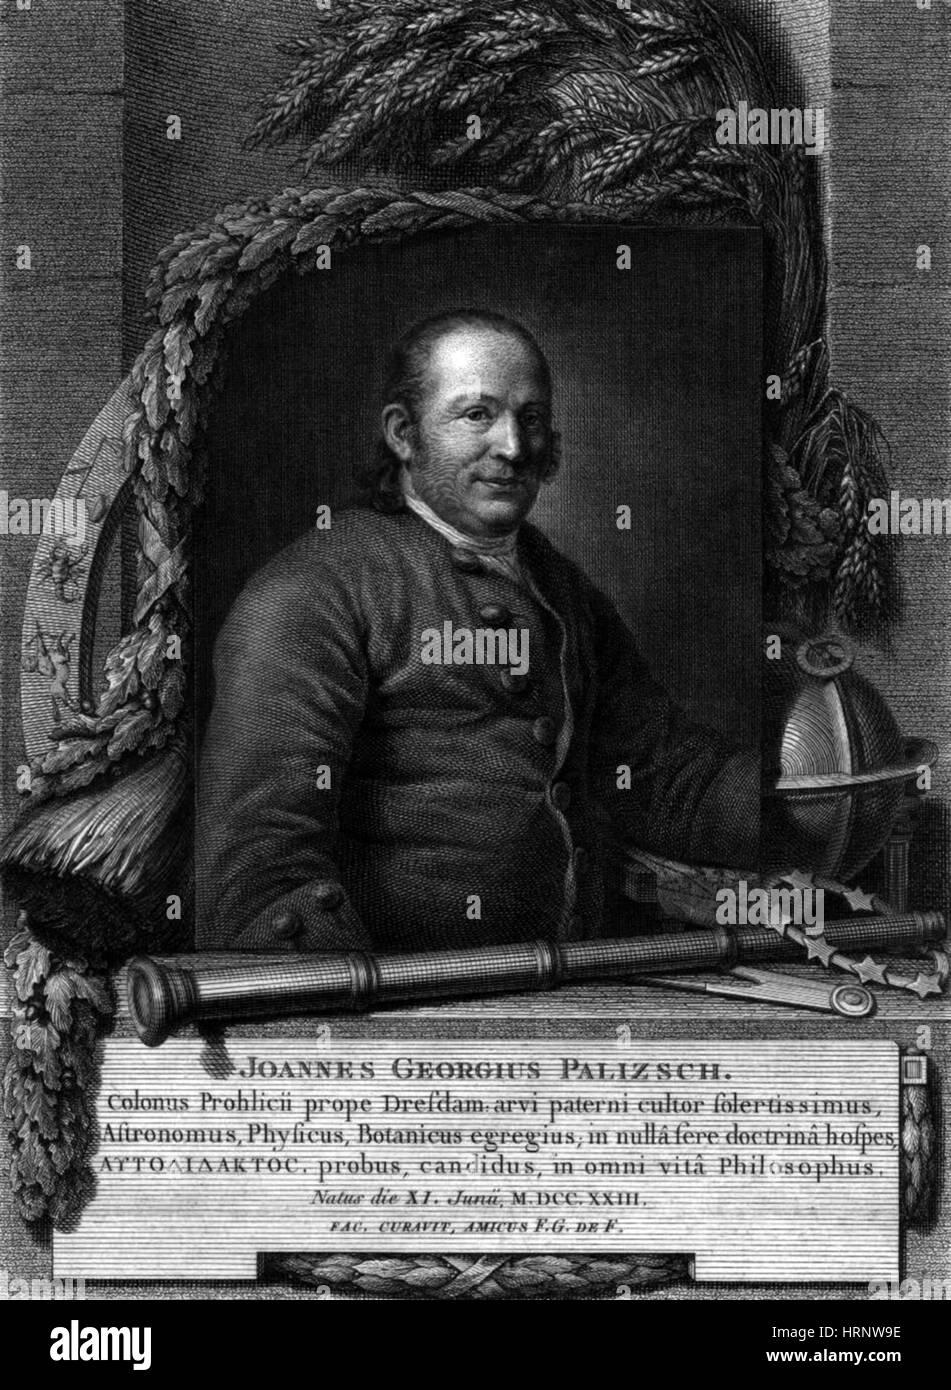 Johann Georg Palitzsch, German Astronomer - Stock Image